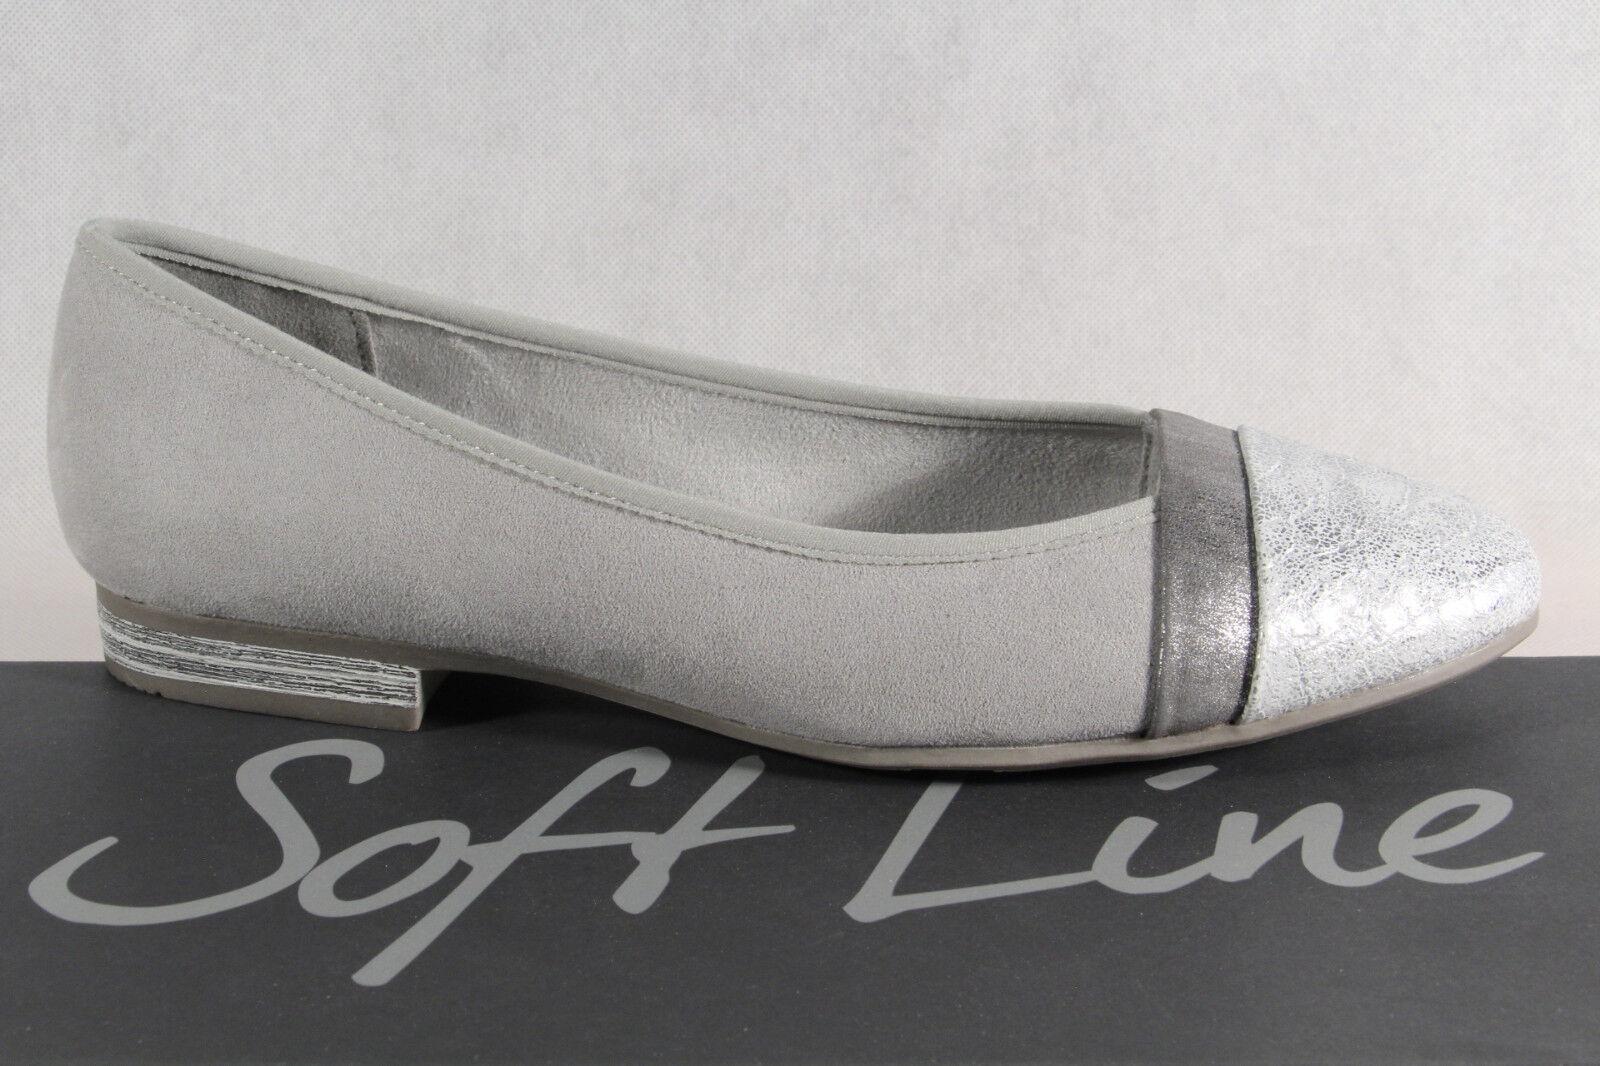 Los últimos zapatos de descuento para hombres y mujeres Descuento por tiempo limitado Suave LINE de Jana Bailarina Mujer Zapatos De Tacón Mocasines Gris Ancho H NUEVO